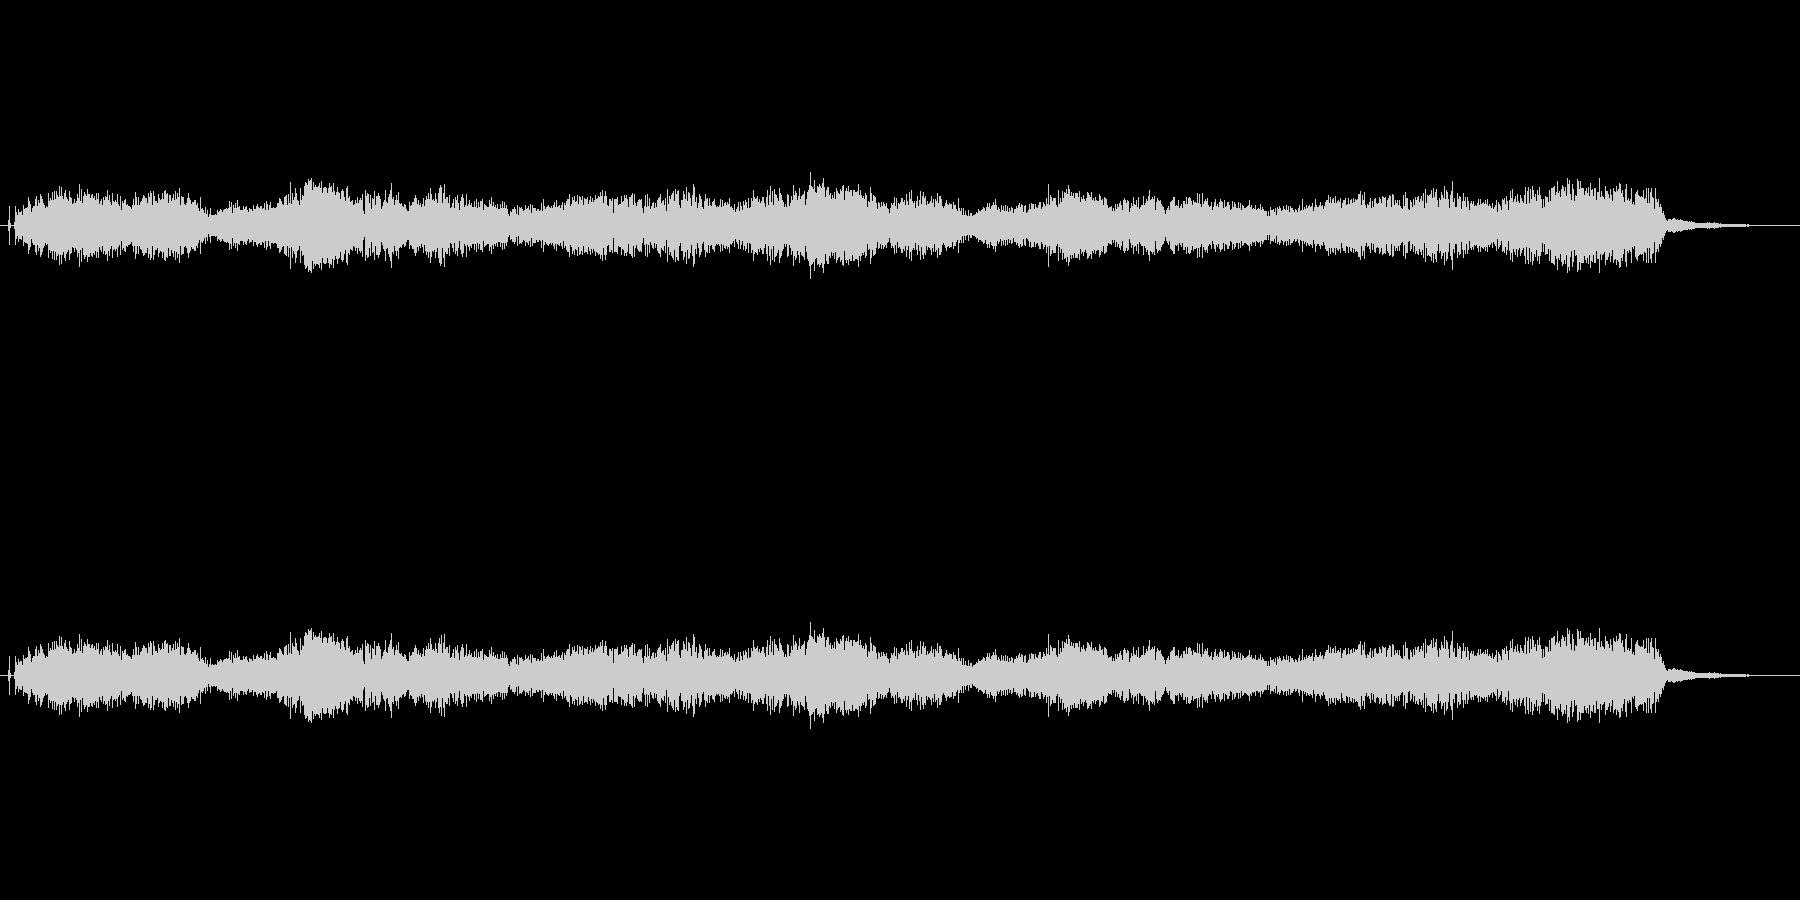 電流の音です。の未再生の波形